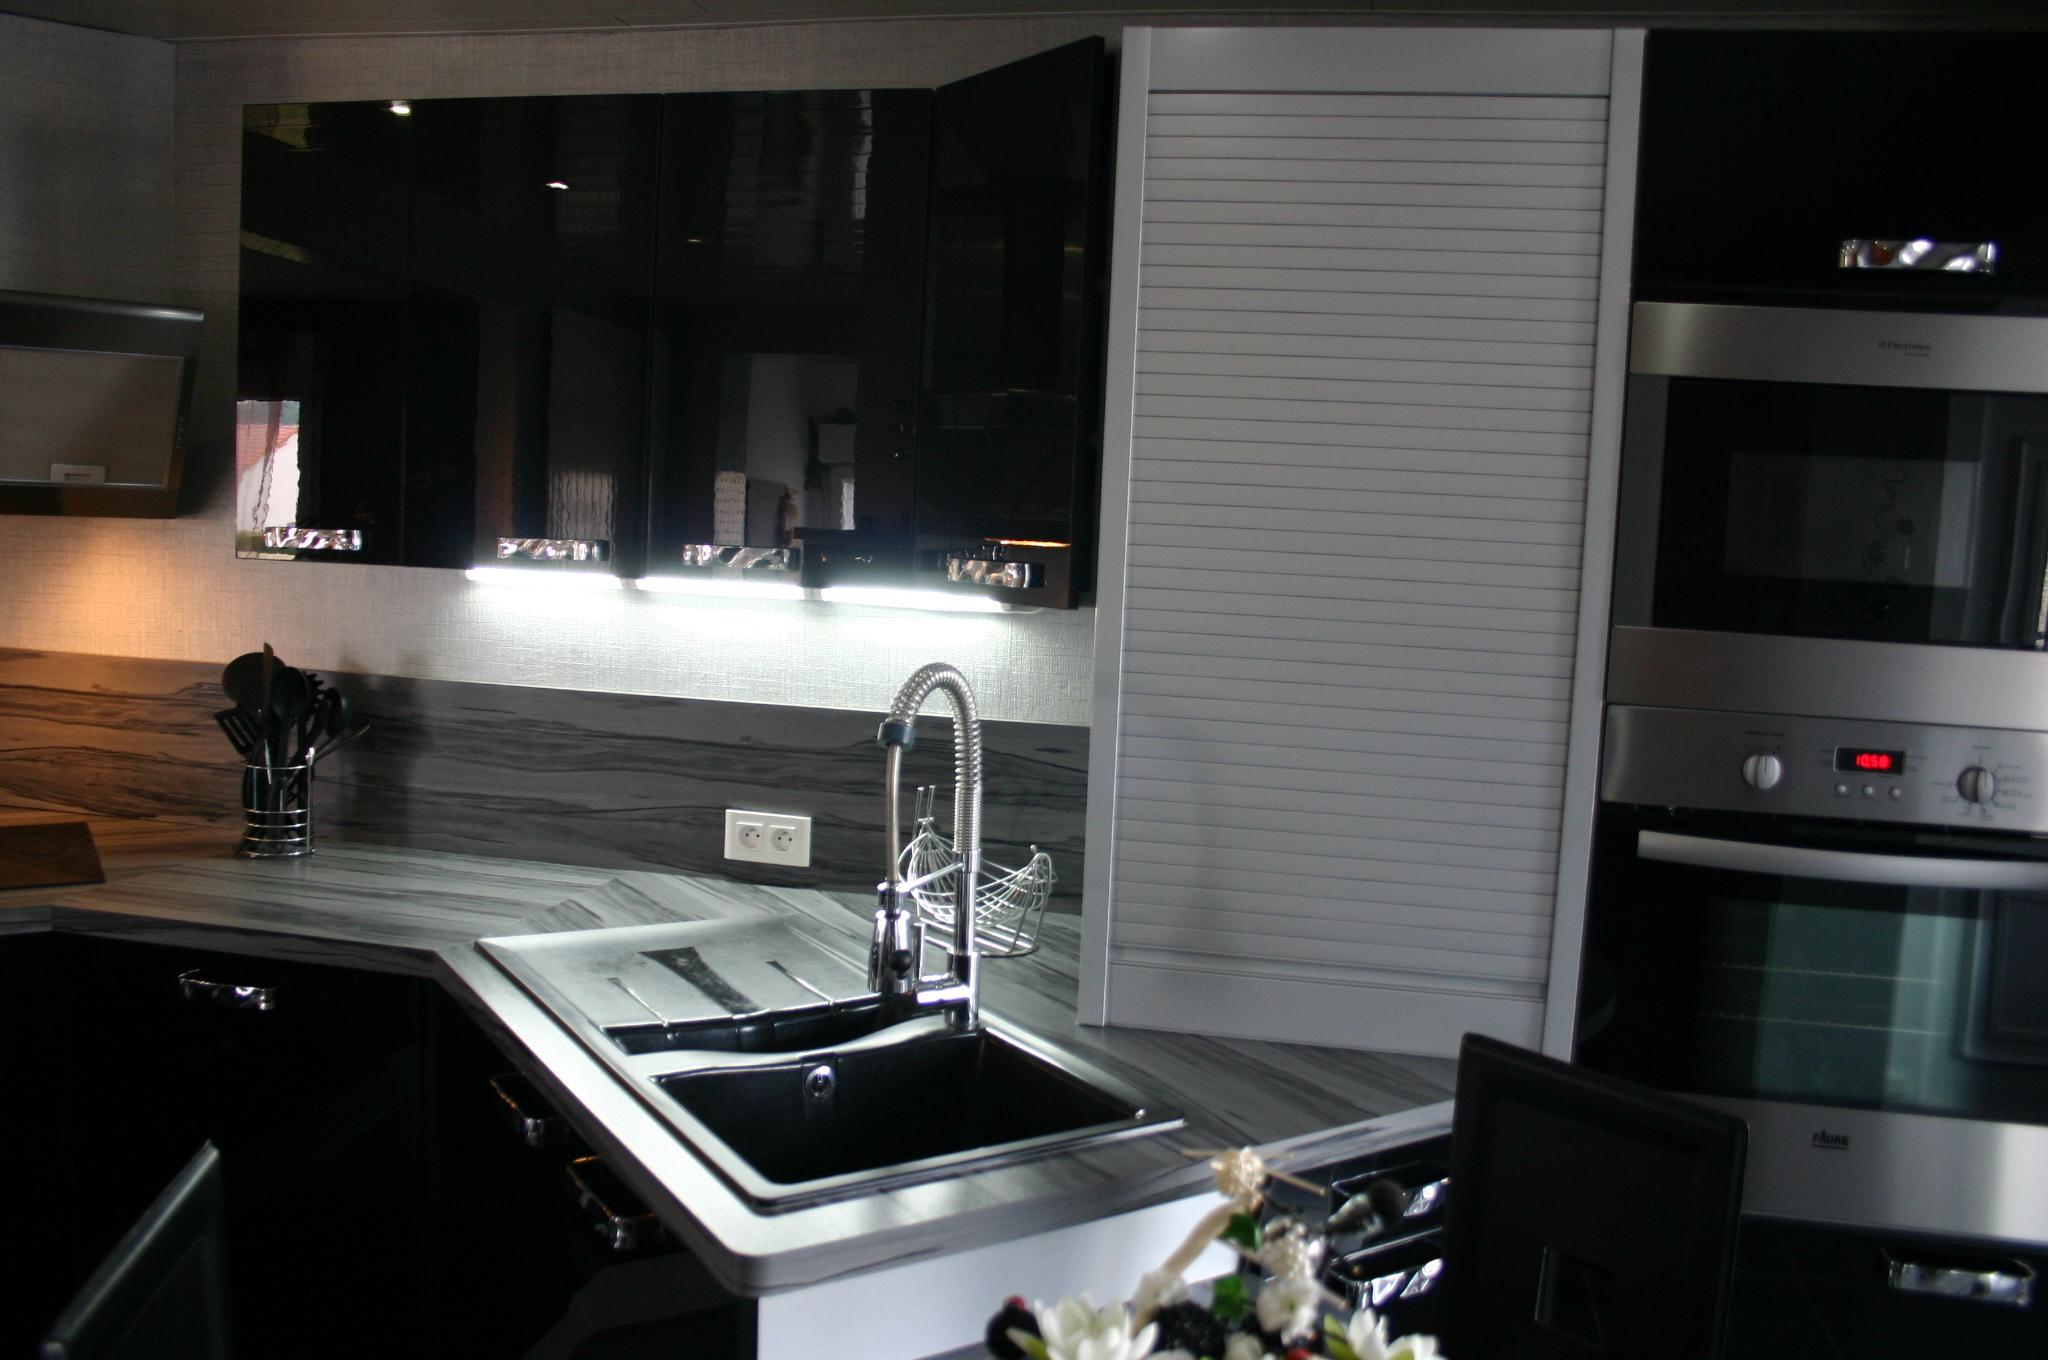 Meuble Bas De Cuisine Noir Laqué cuisine laquée noire par meubles jem - jemleblog